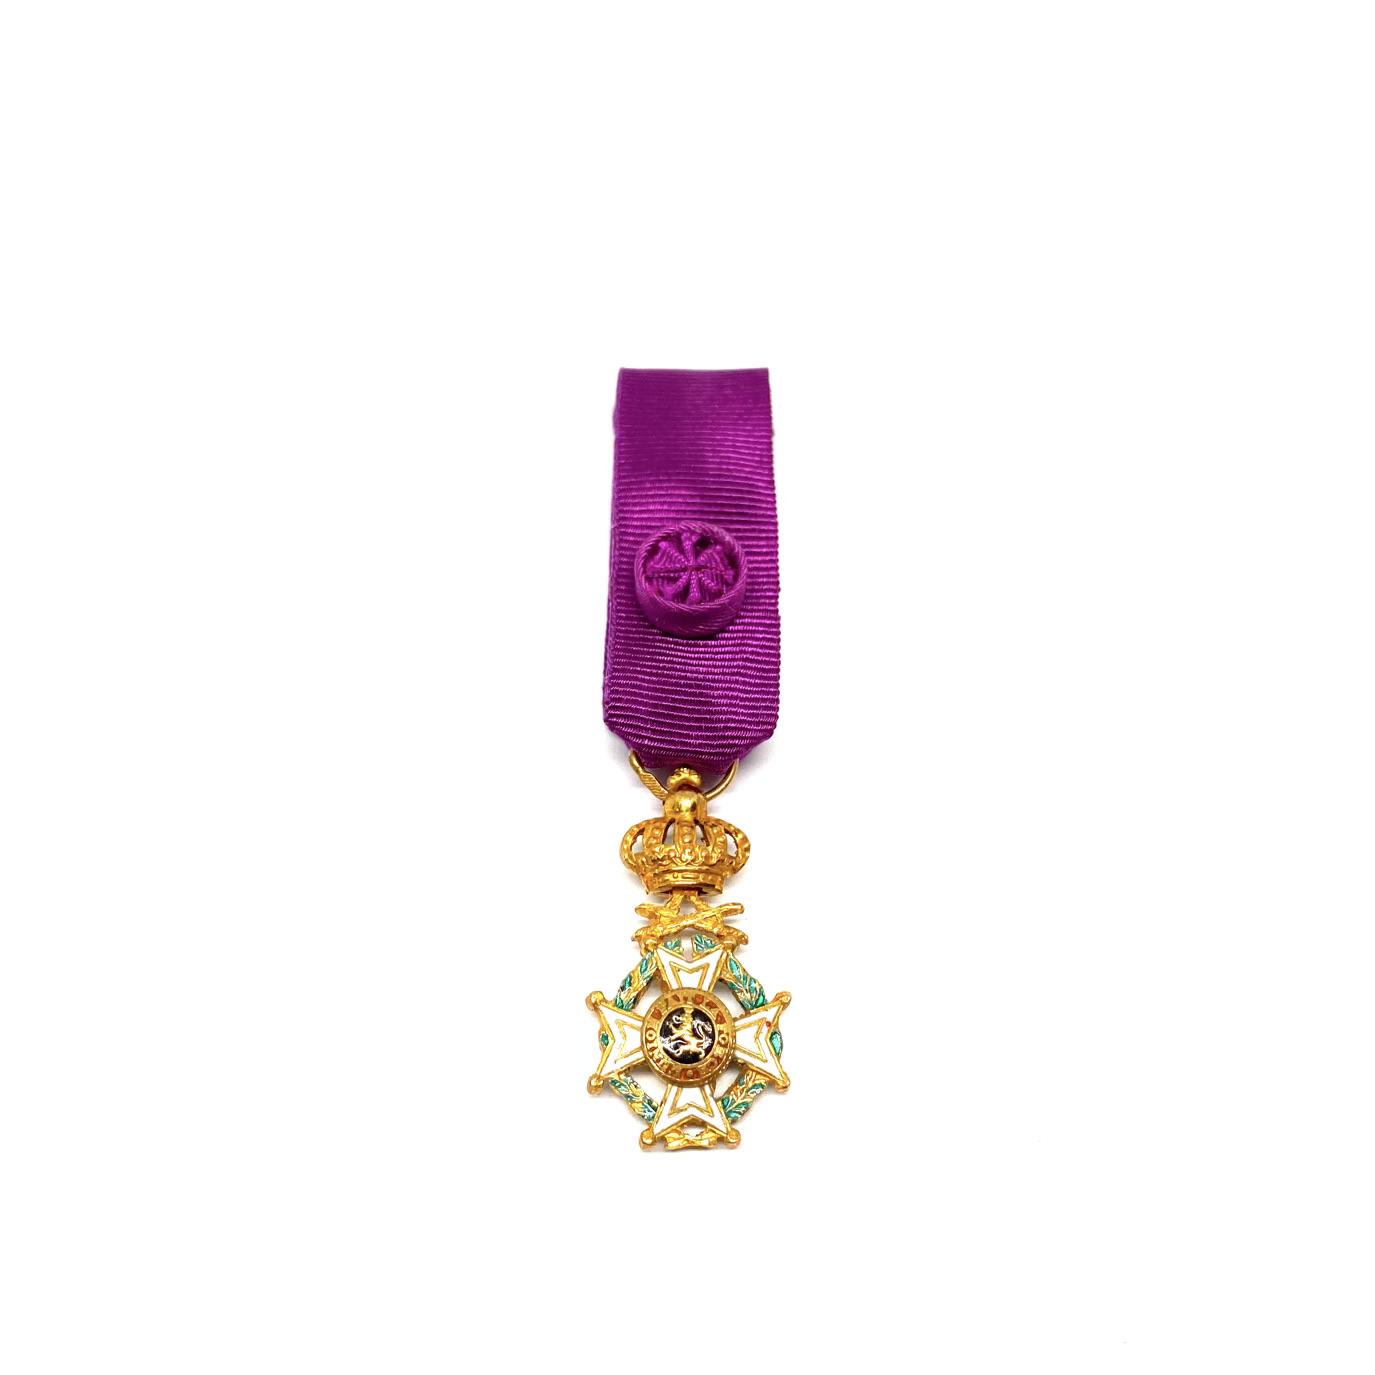 Officier in de Orde van Leopold Militair